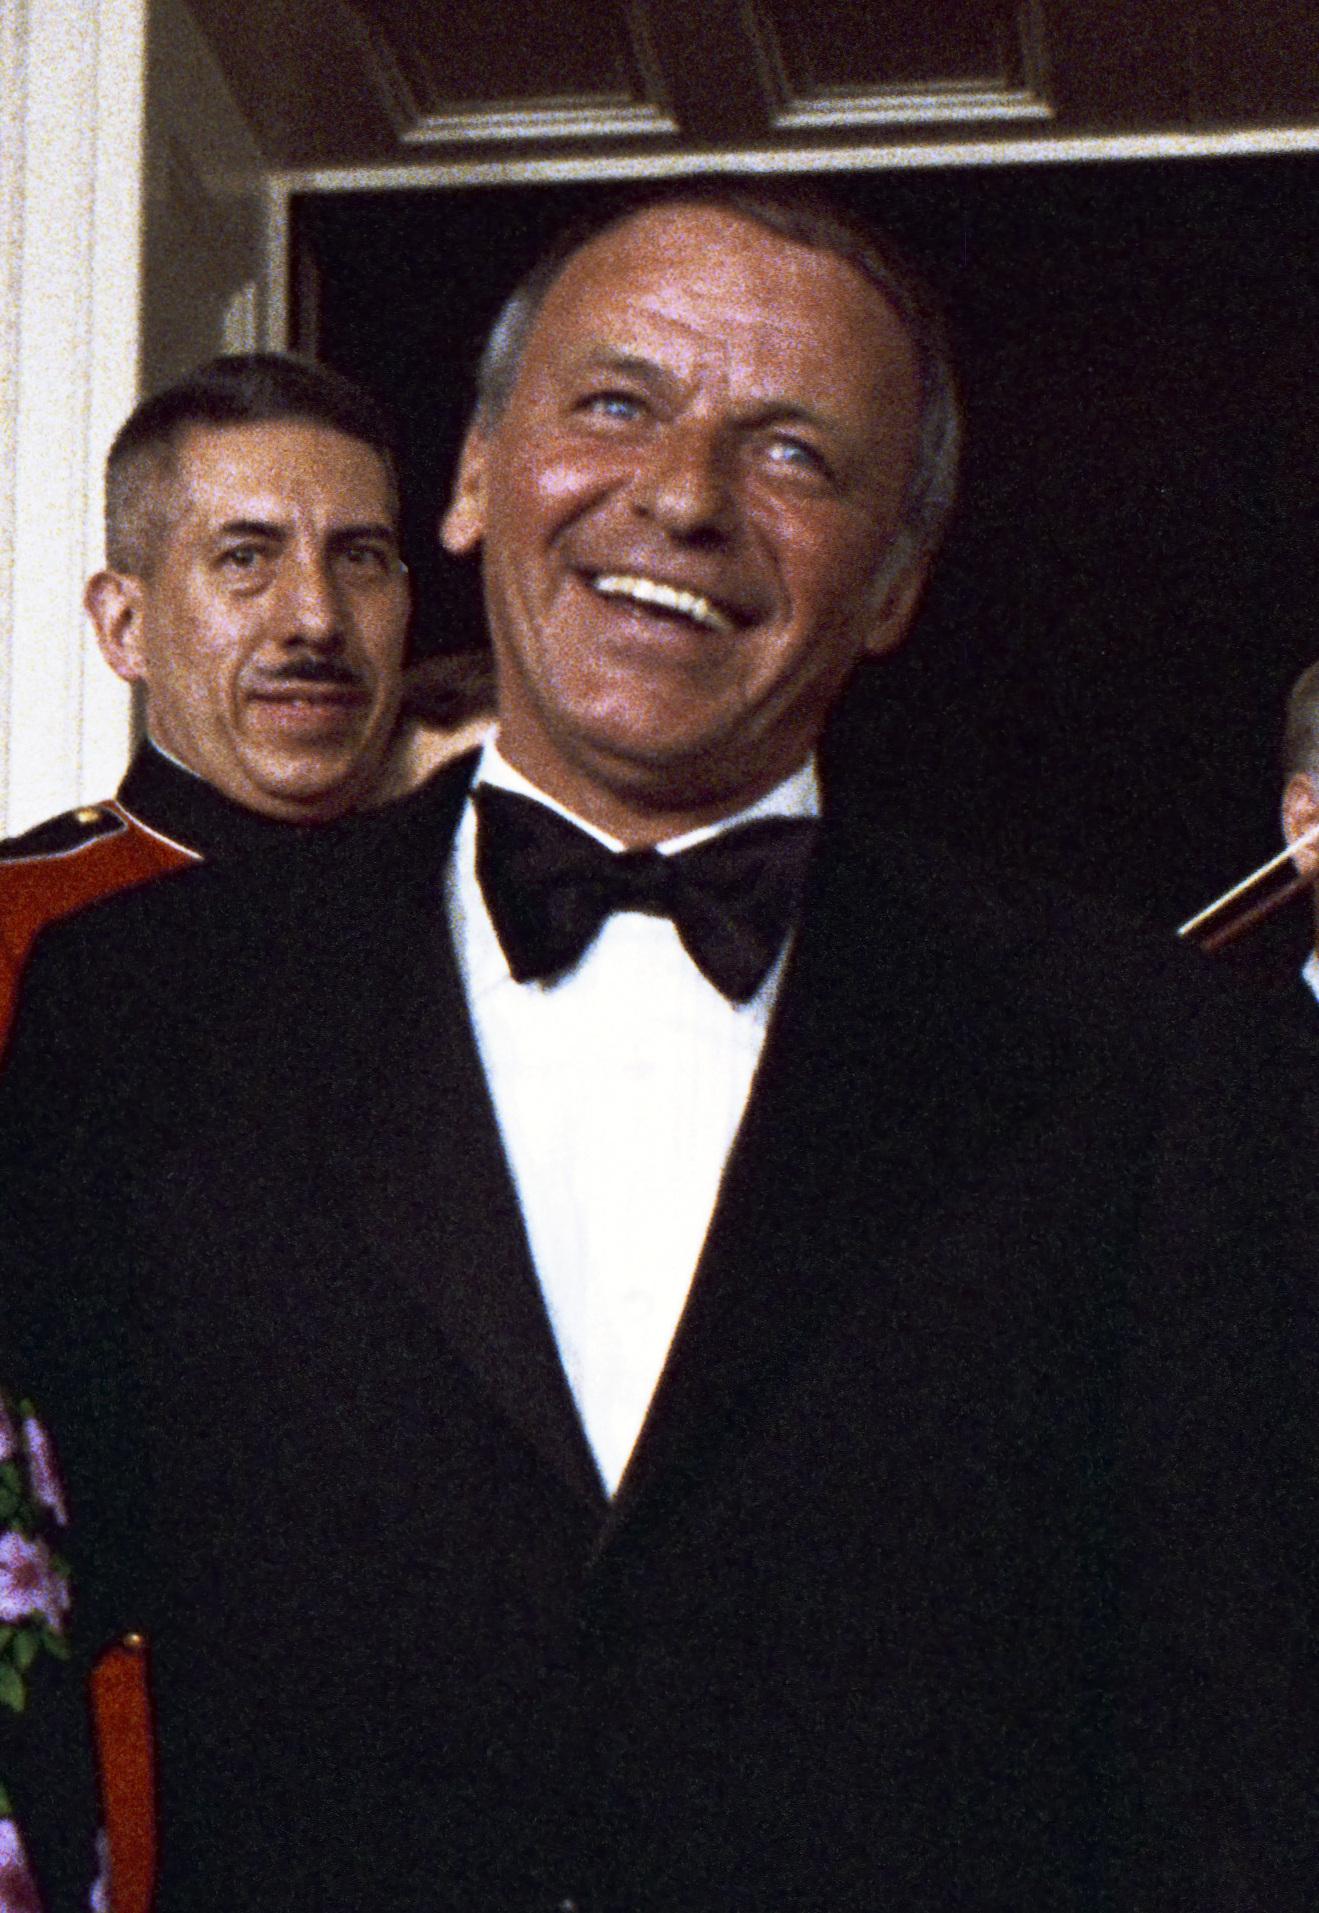 Sinatra w Białym Domu w 1973 r.